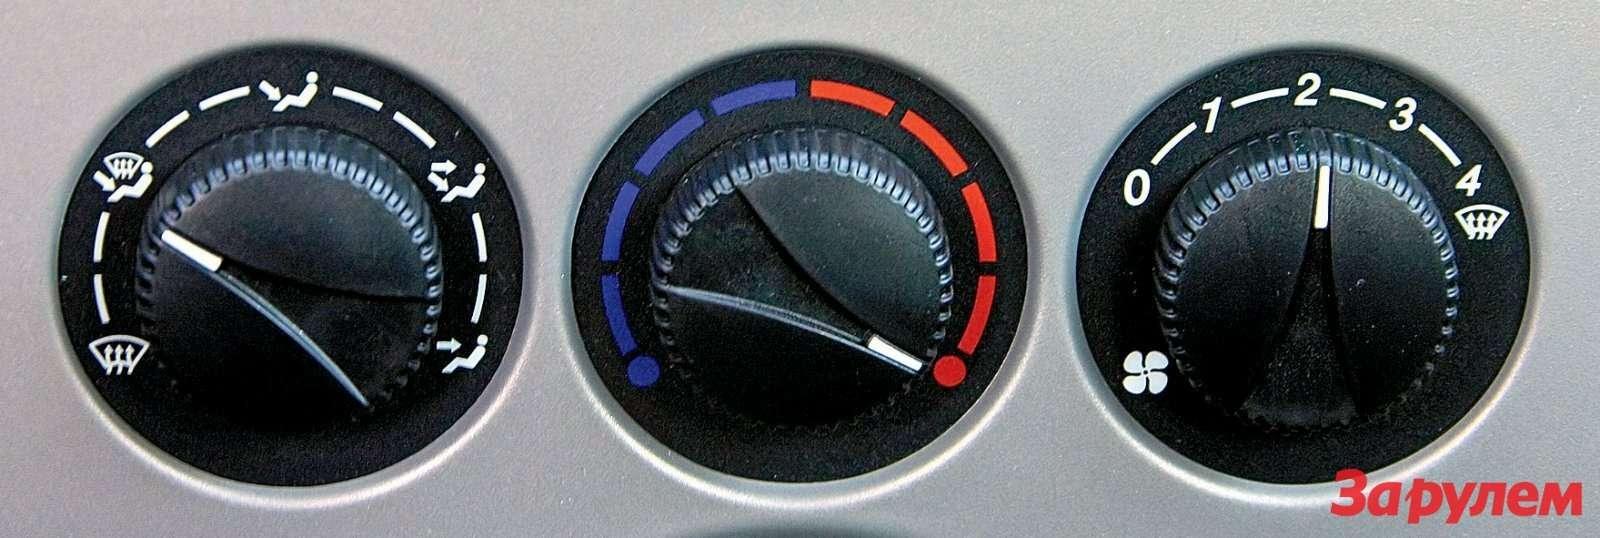 При внешней схожести с«климатом» напанелях управления обычными системами вентиляции иотопления ручки, задающие направление потоков итемпературу, расположены иначе.